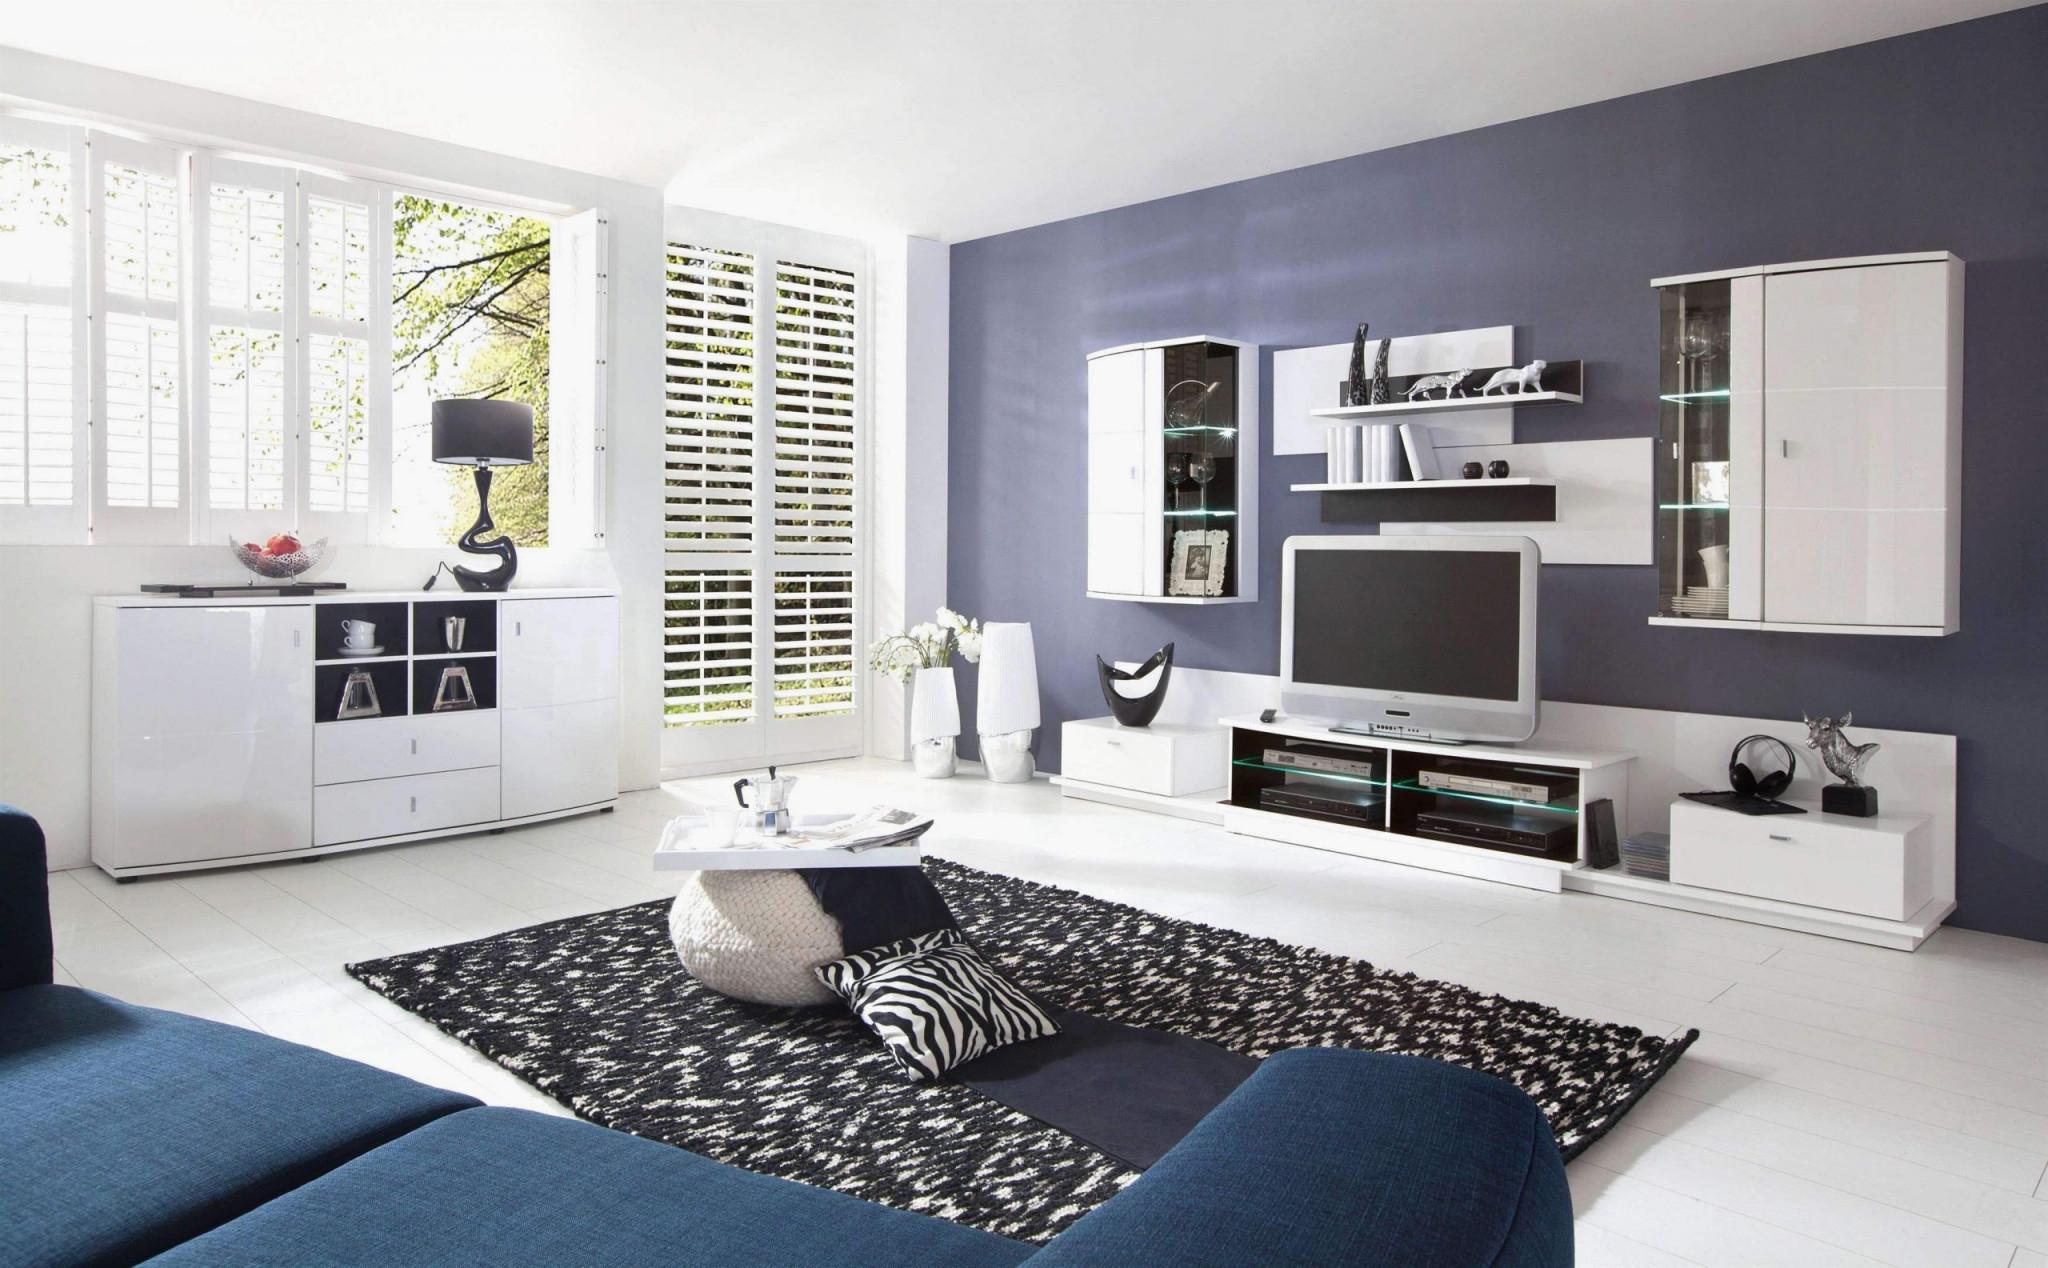 Schöne Wohnzimmer Bilder Frisch Neu Schöne Wohnzimmer von Schöne Bilder Wohnzimmer Bild